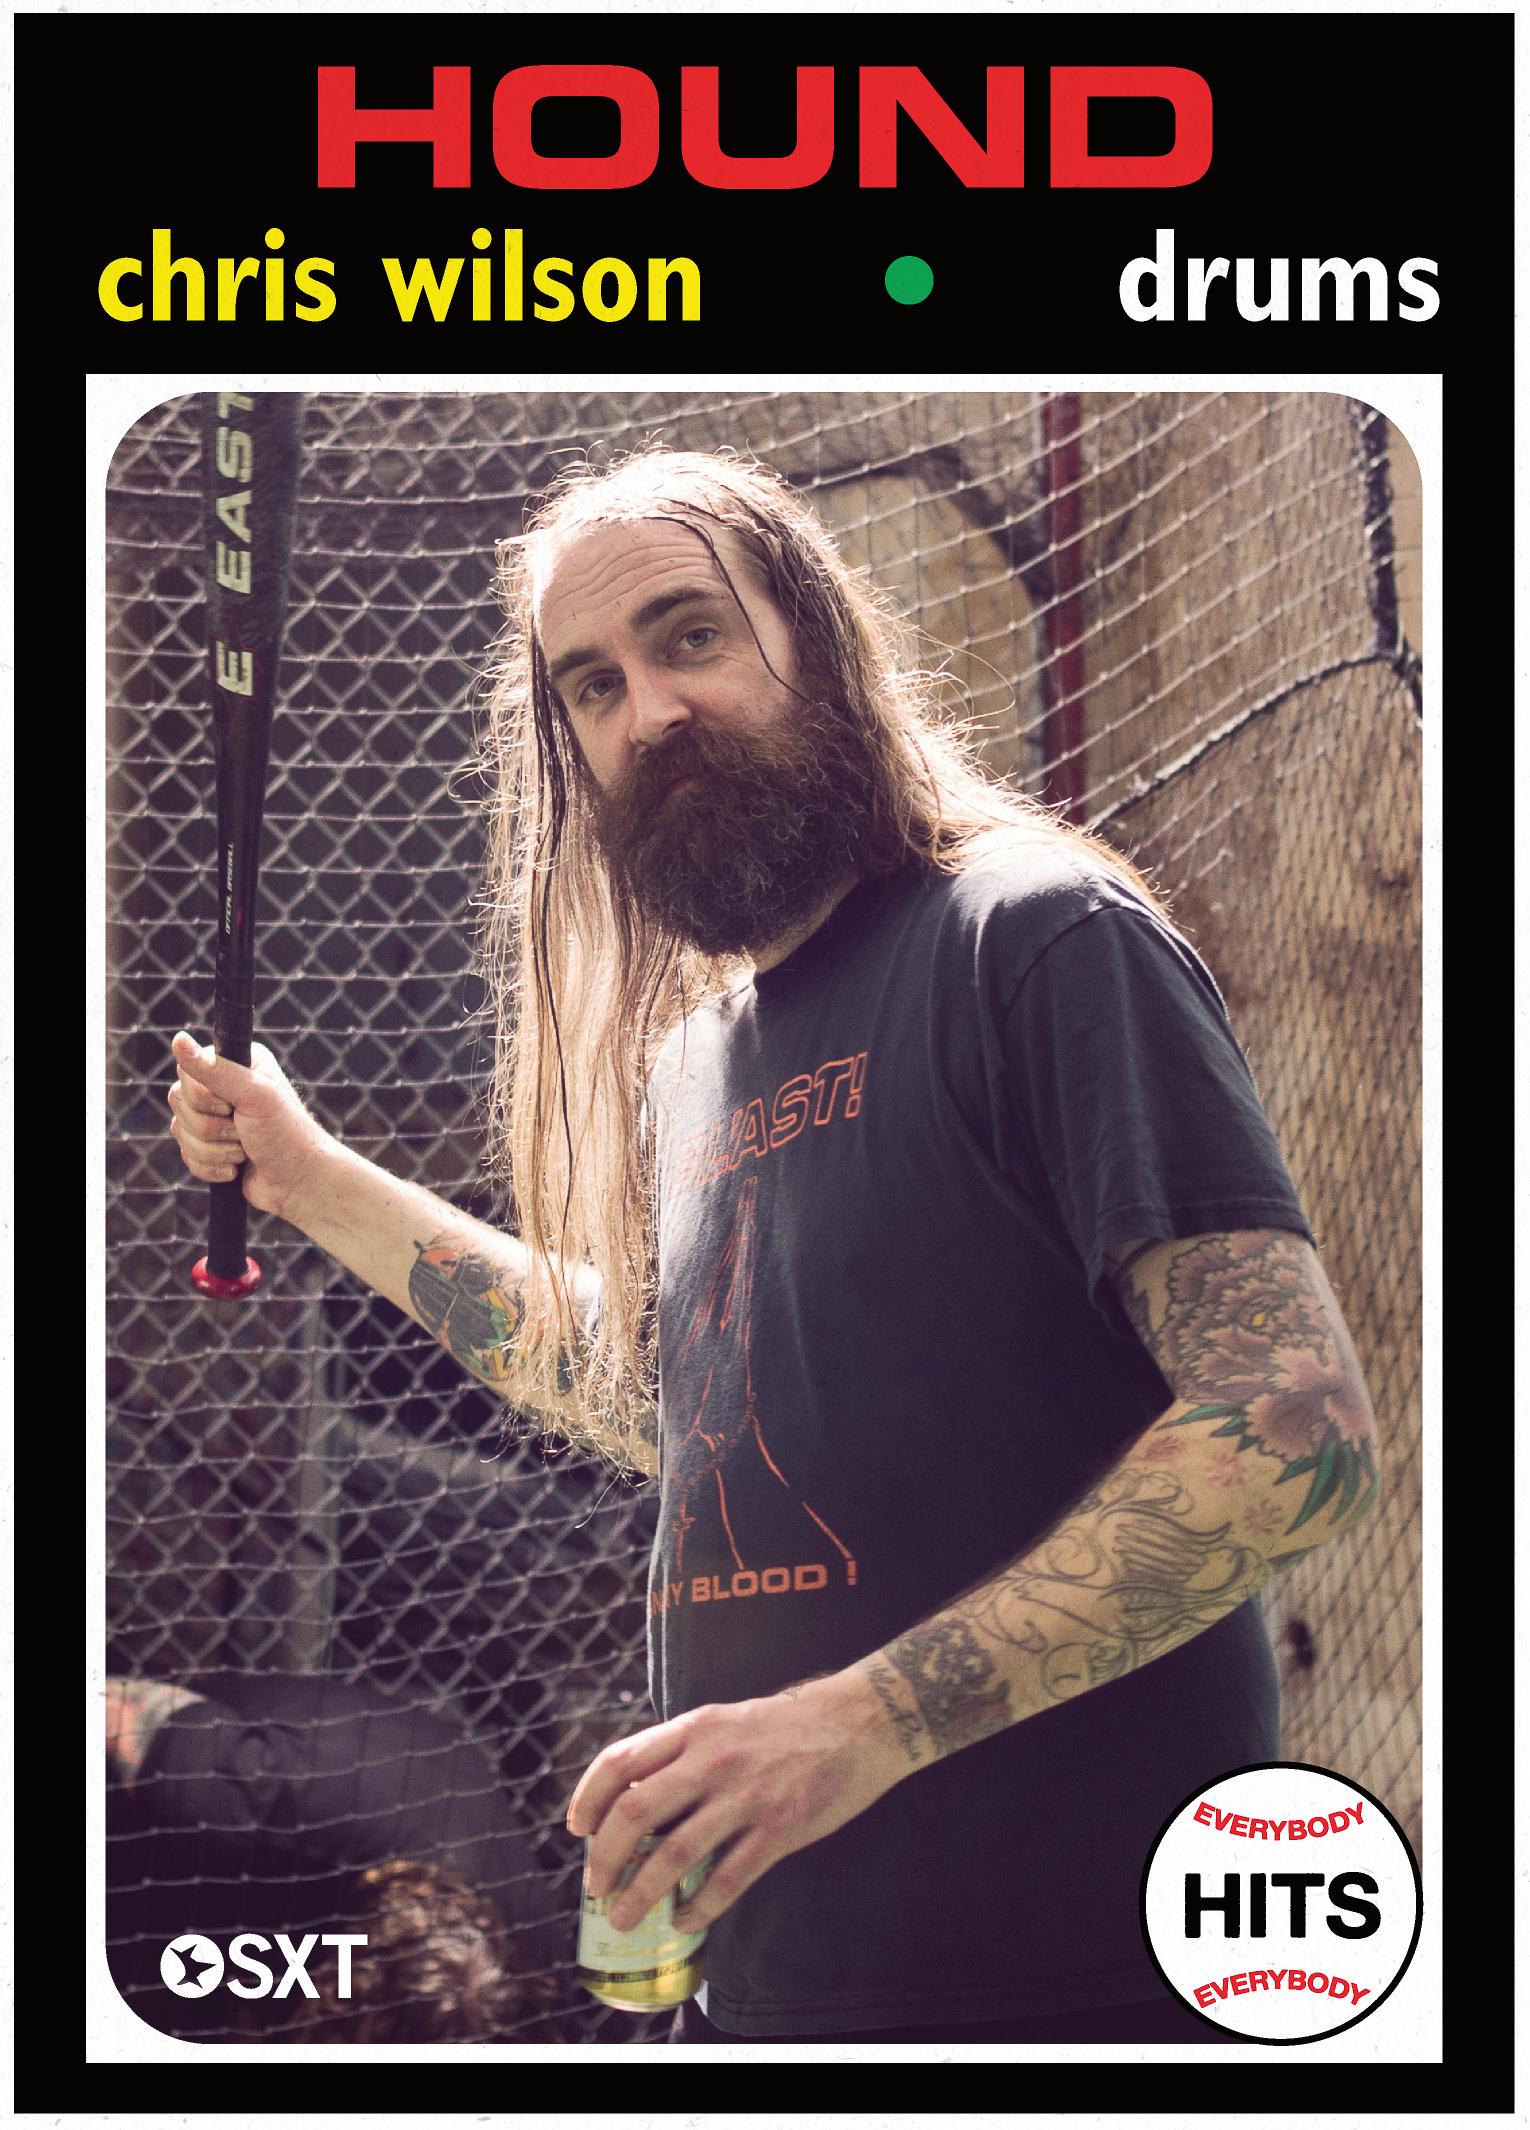 Chris Wilson of Hound